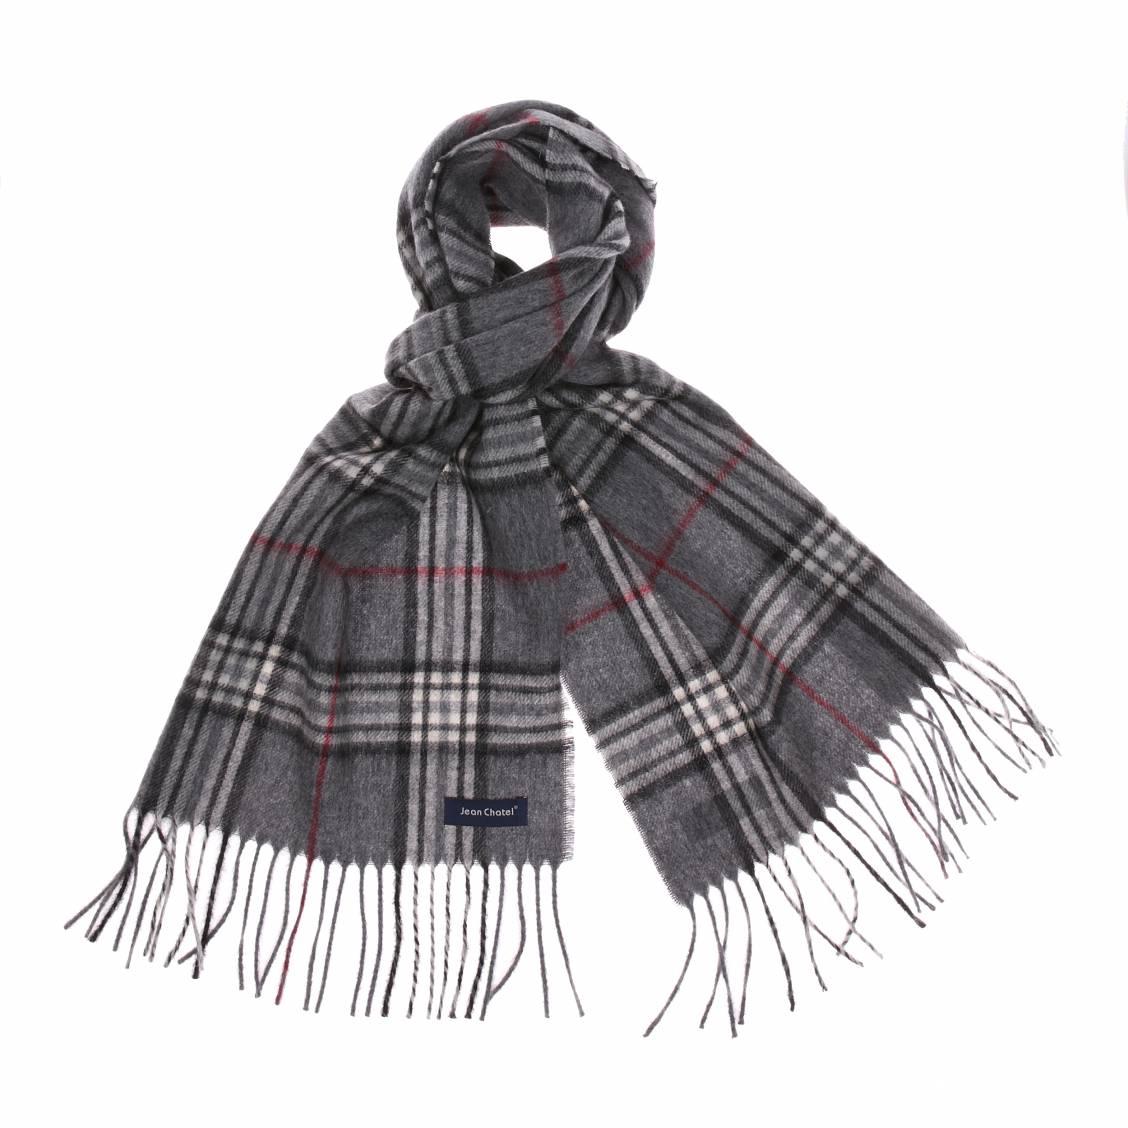 Echarpe  en laine grise à carreaux écossais noirs et rouges